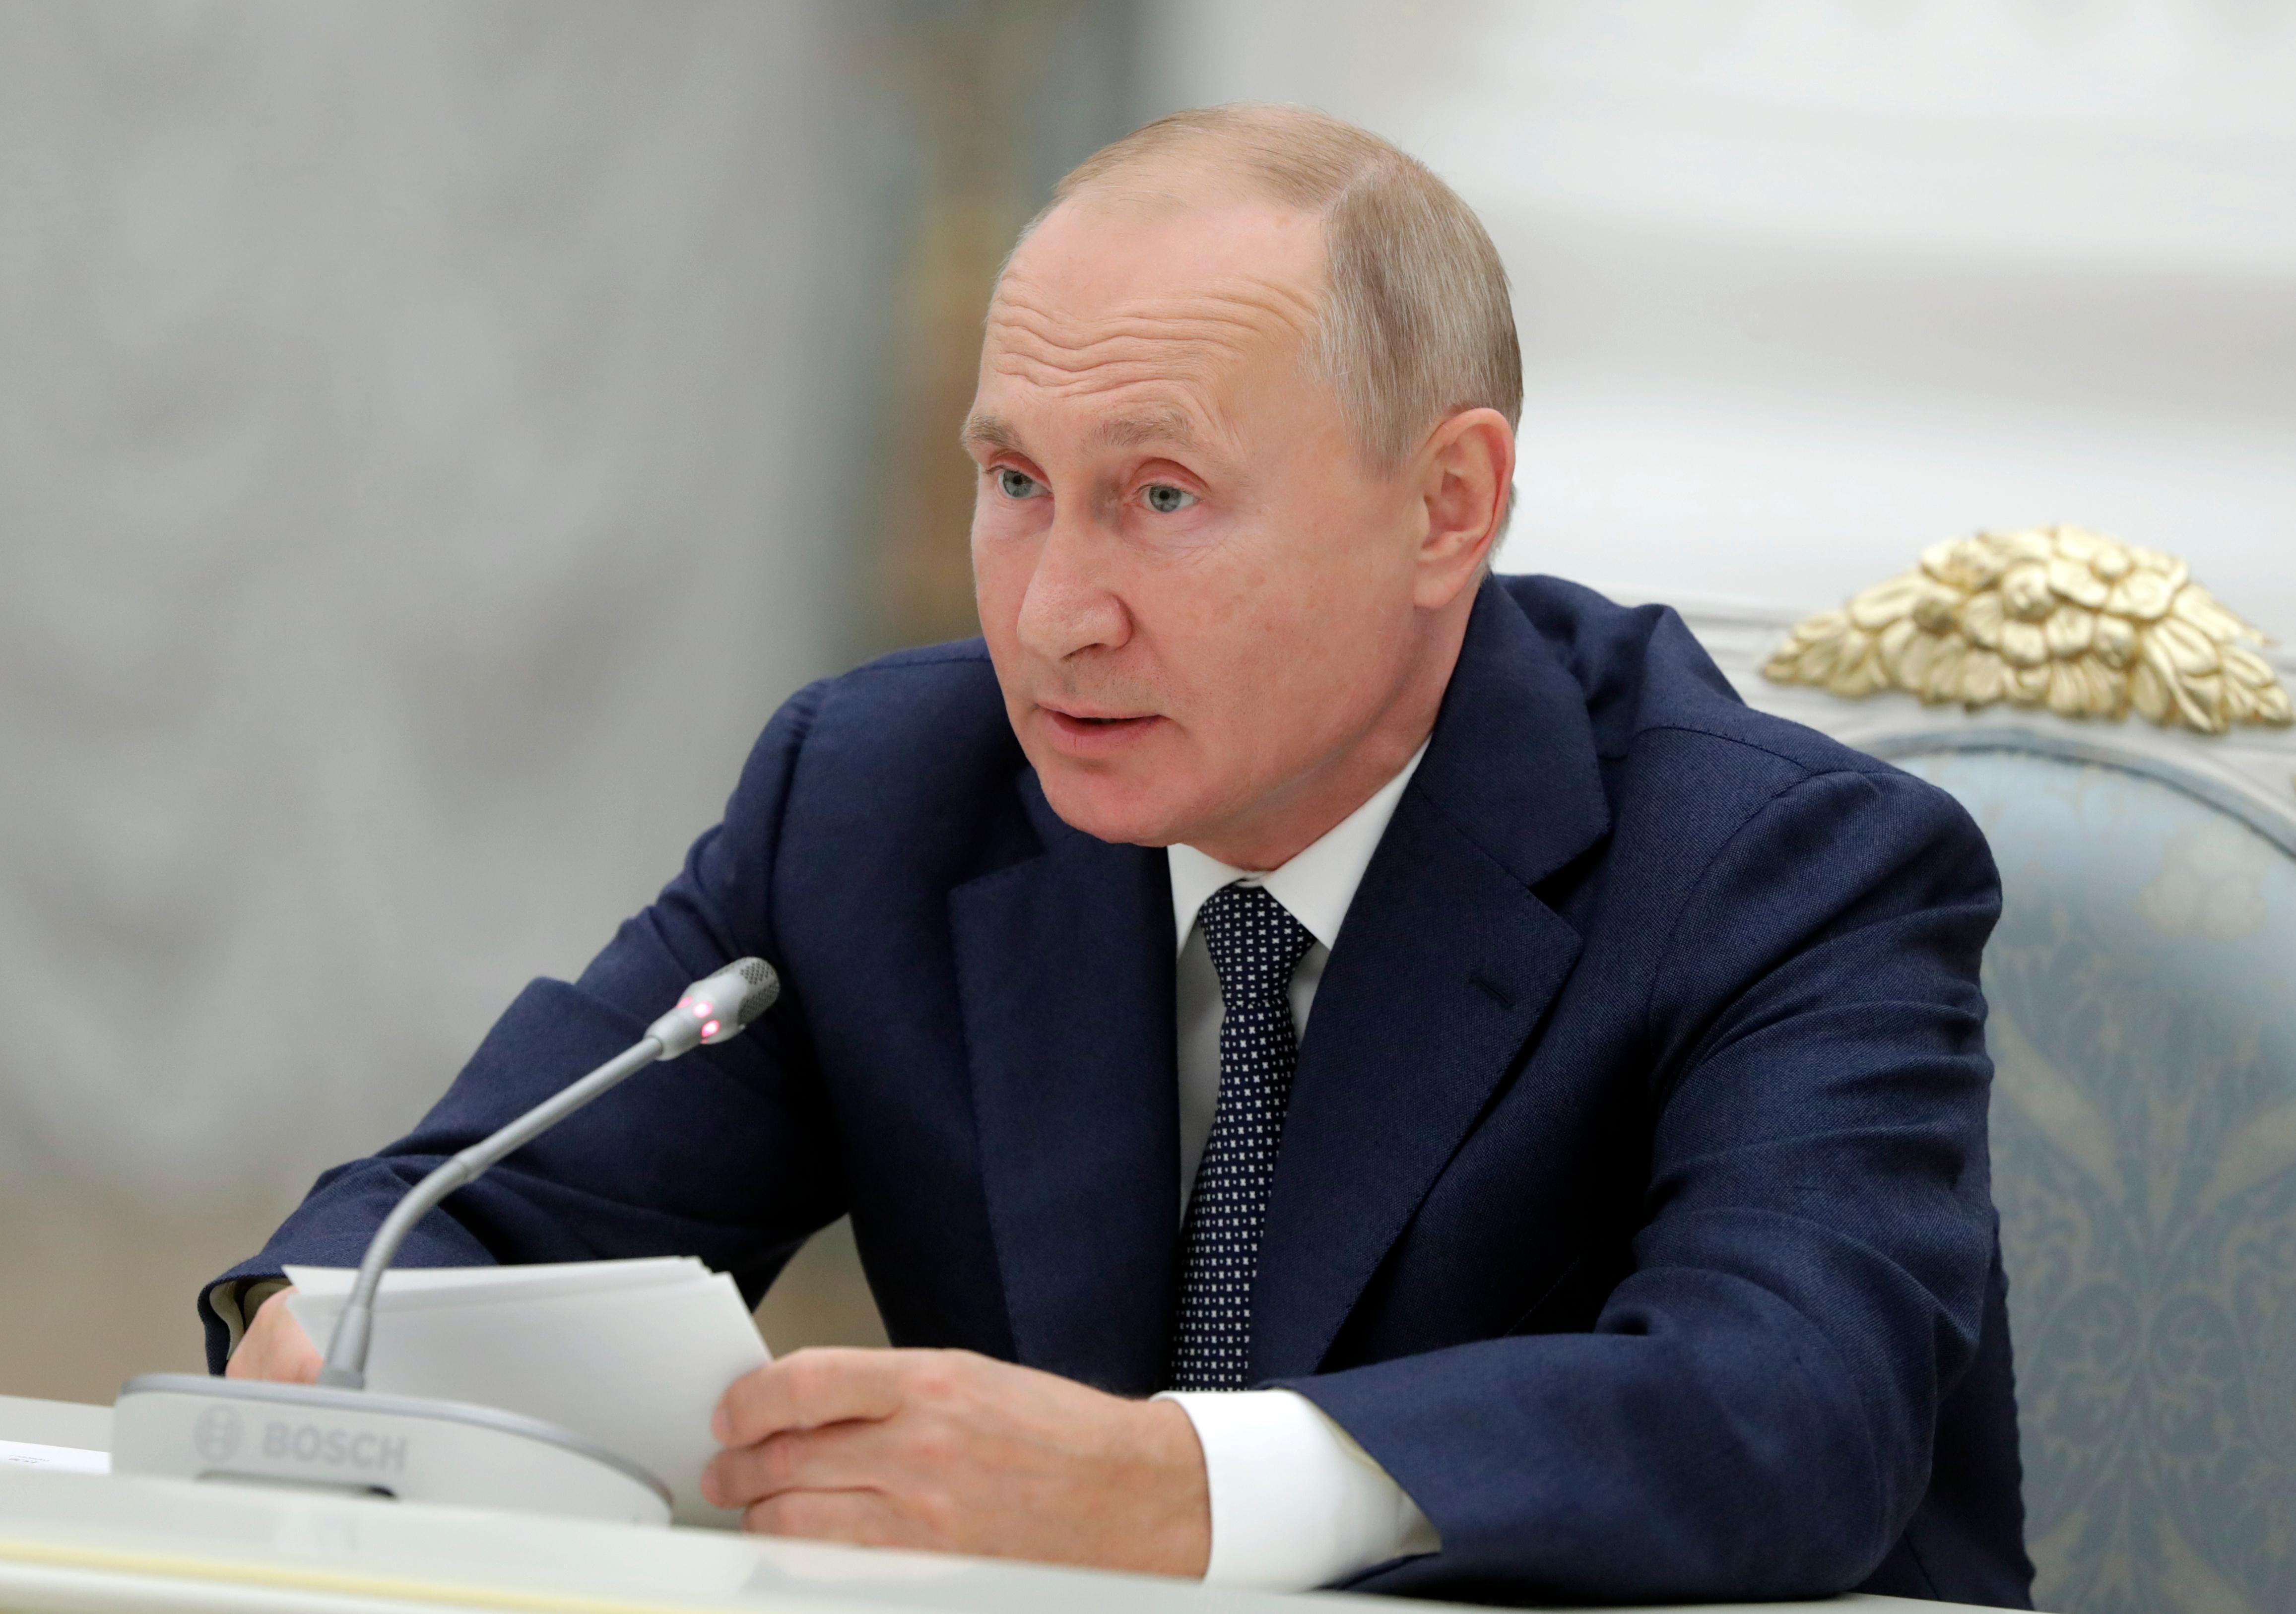 Путин поздравил работников атомной промышленности с 75-летием отрасли